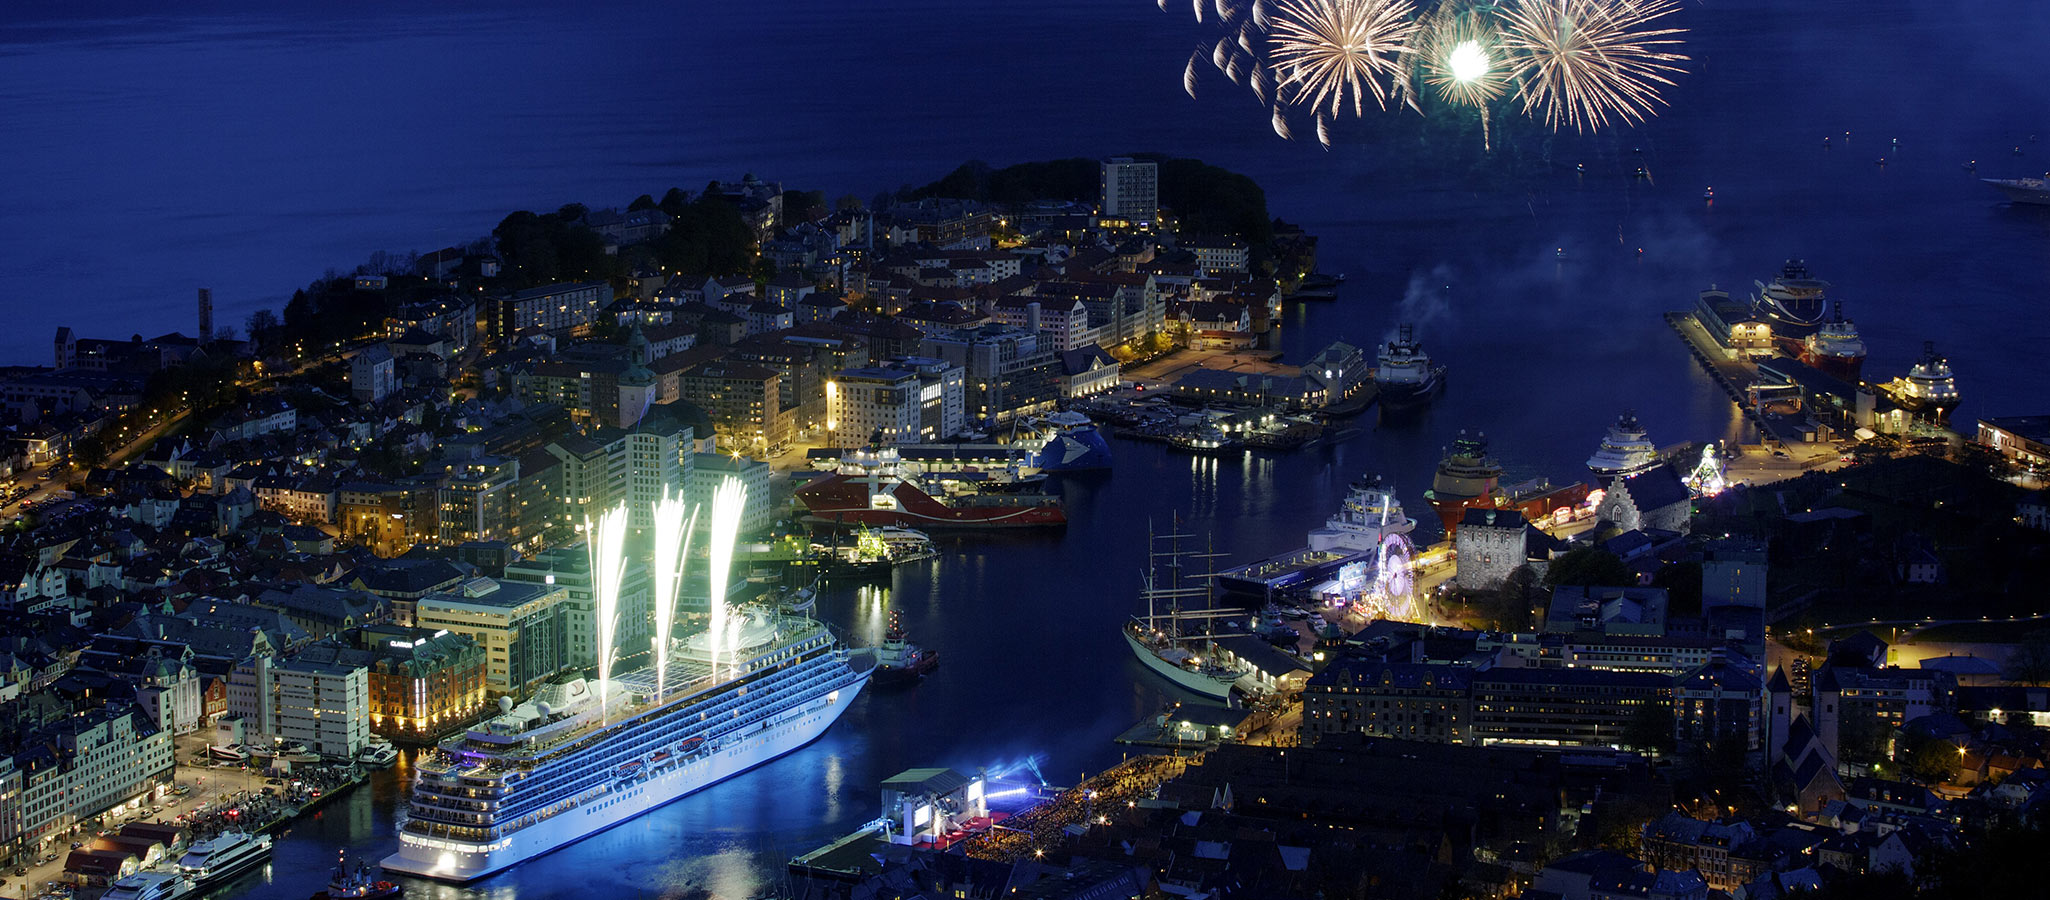 Ein Blickfang in jedem Hafen - und ein unvergessliches Erlebnis für Ihre Teilnehmer.